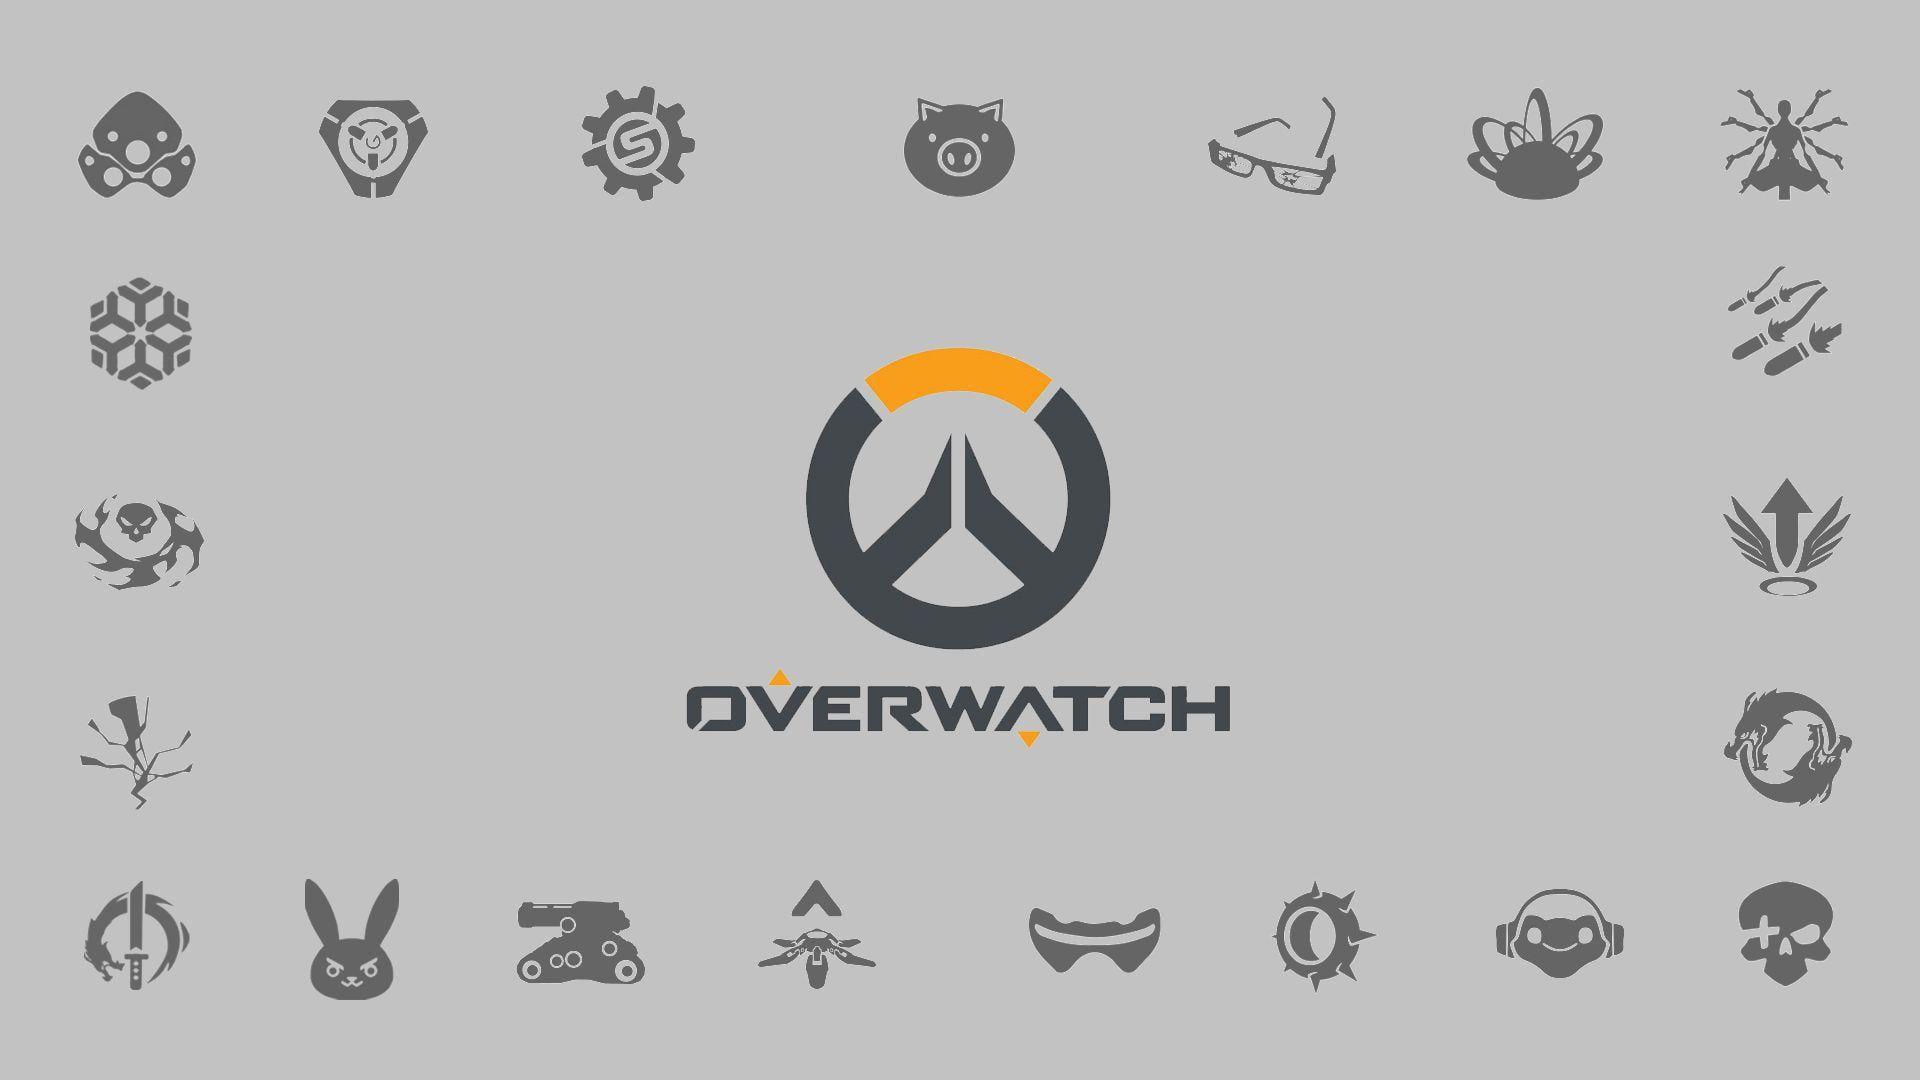 overwatch phone wallpaper